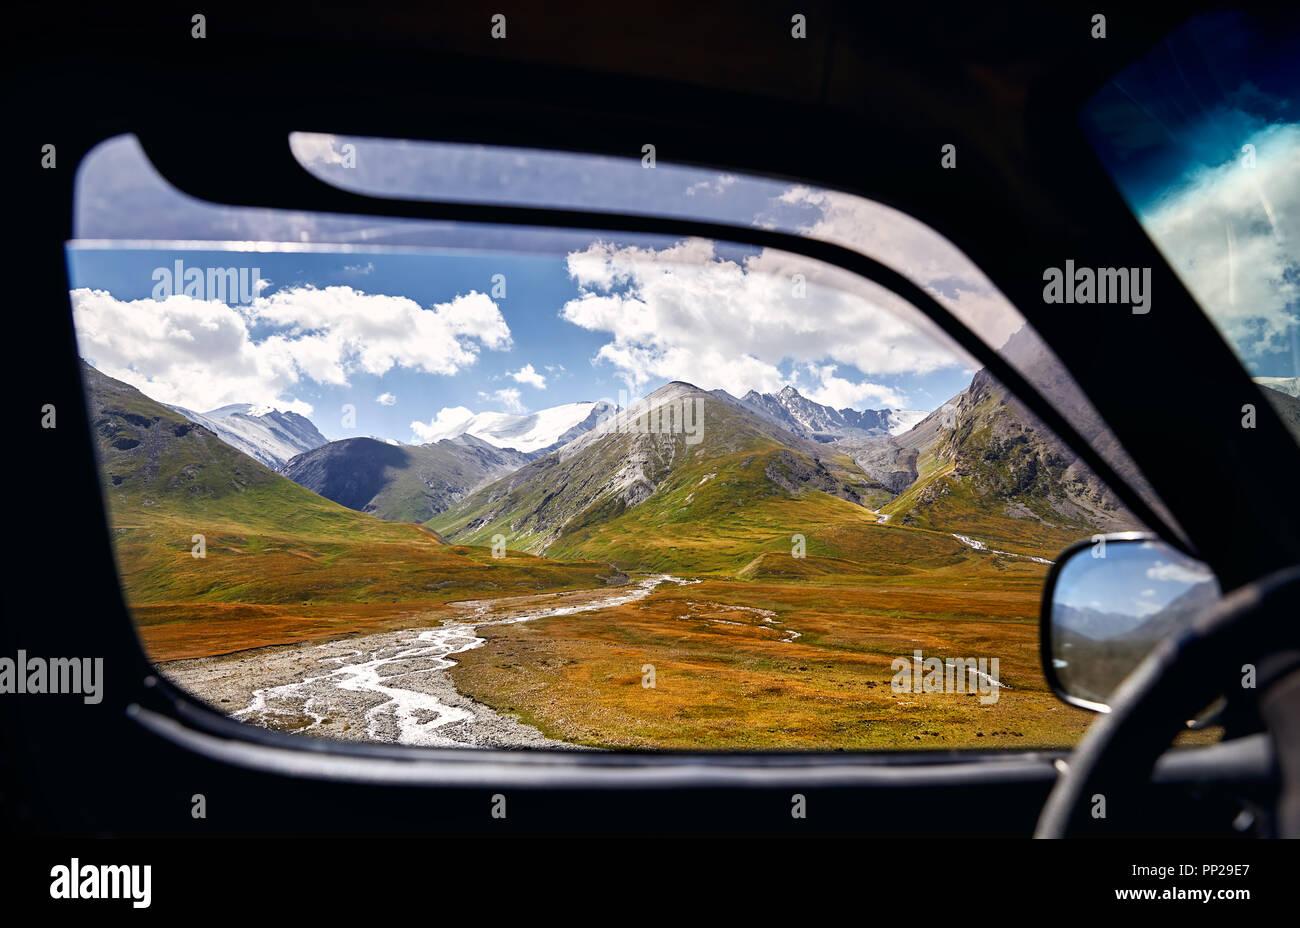 Landschaft der schönen Berg Tal aus dem Fenster gesehen. Reisen und Abenteuer. Stockbild